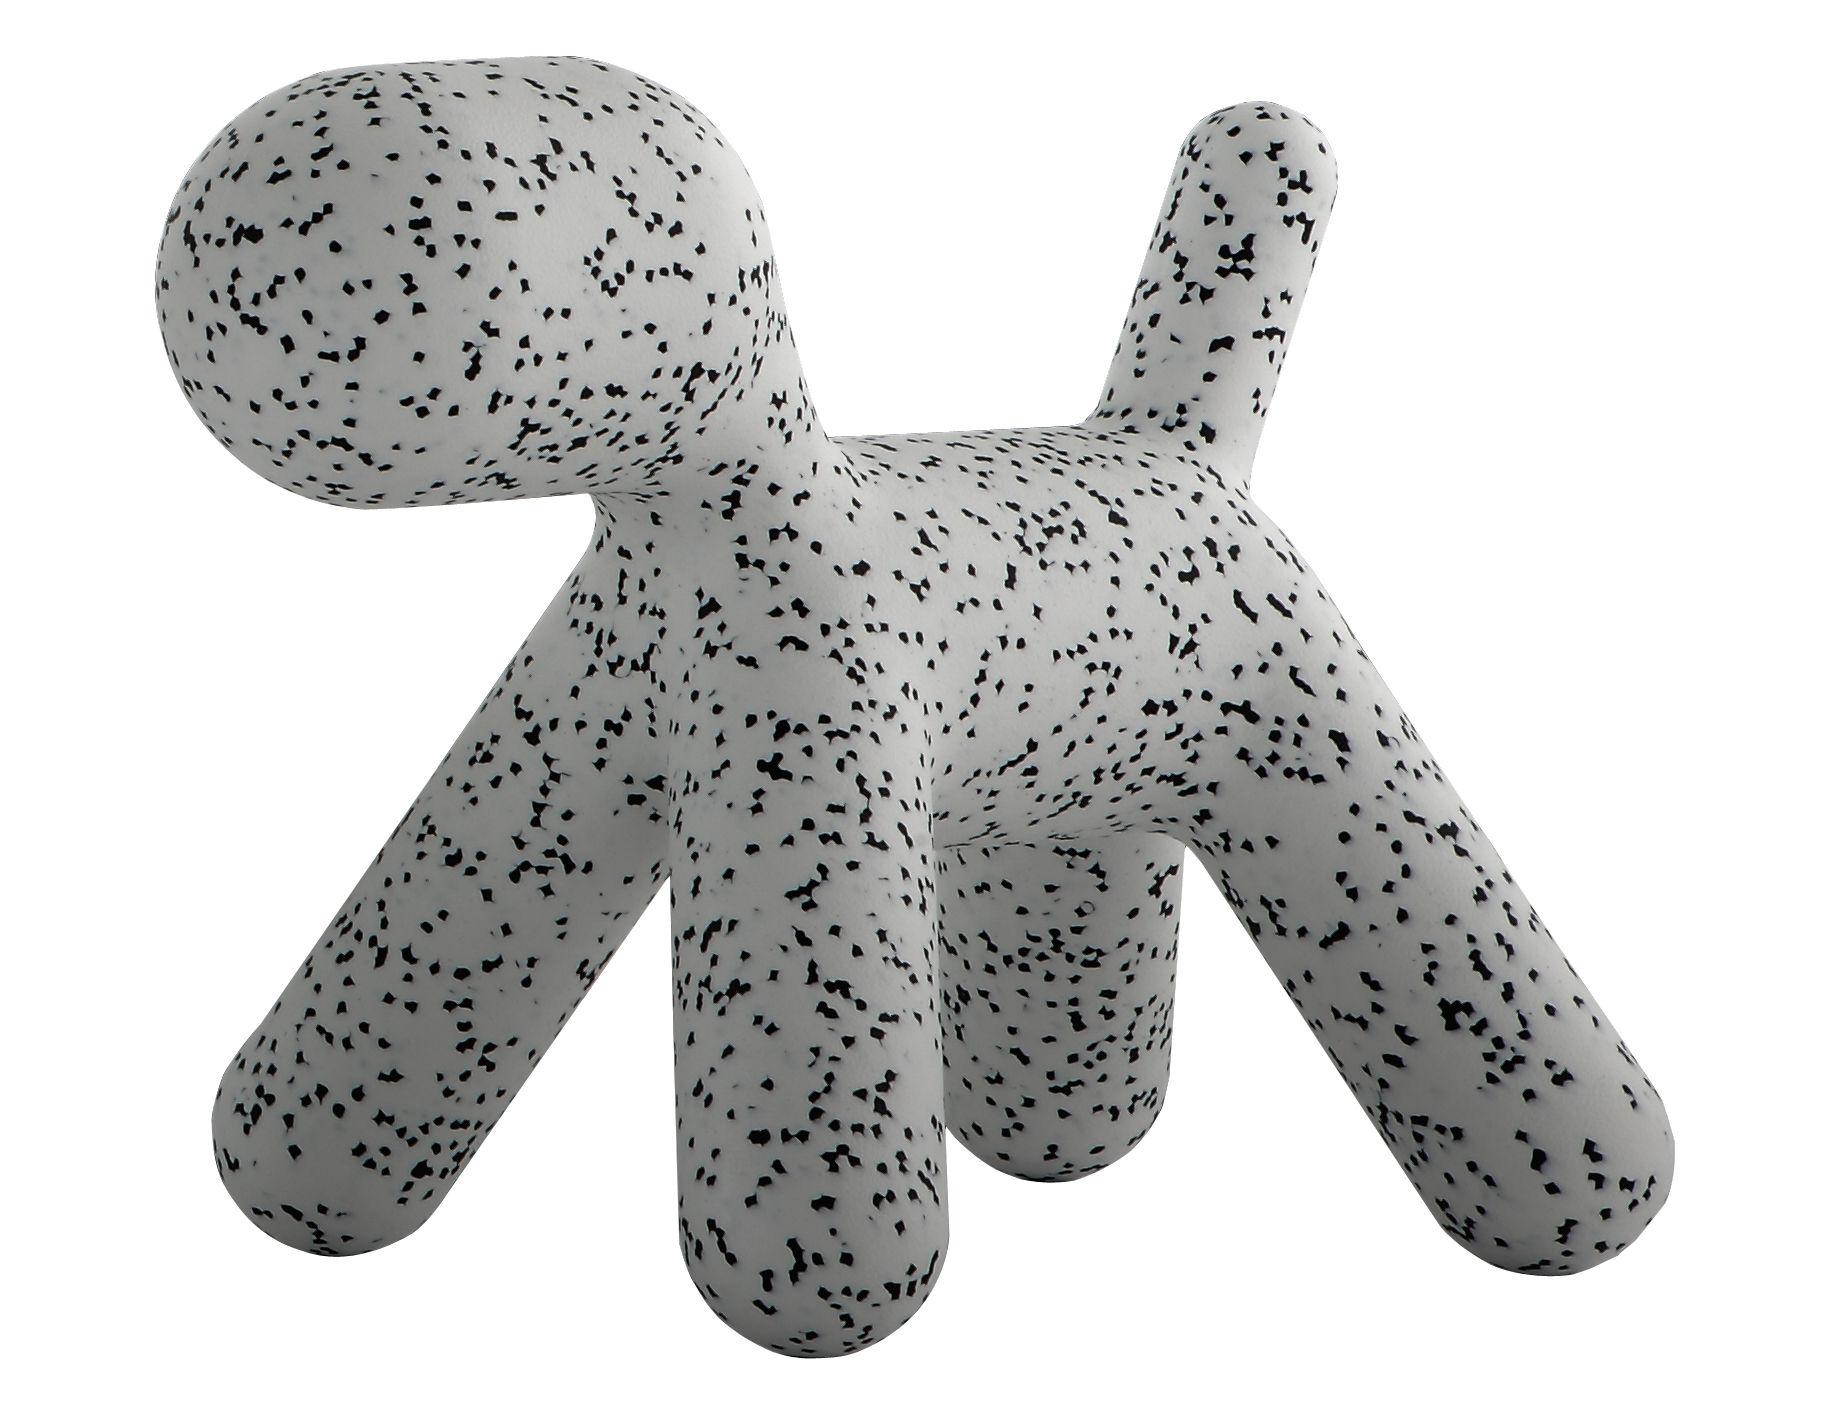 Mobilier - Mobilier Kids - Chaise enfant Puppy Medium / Dalmatien - L 56 cm - Magis Collection Me Too - Blanc / Moucheté noir - Polyéthylène rotomoulé